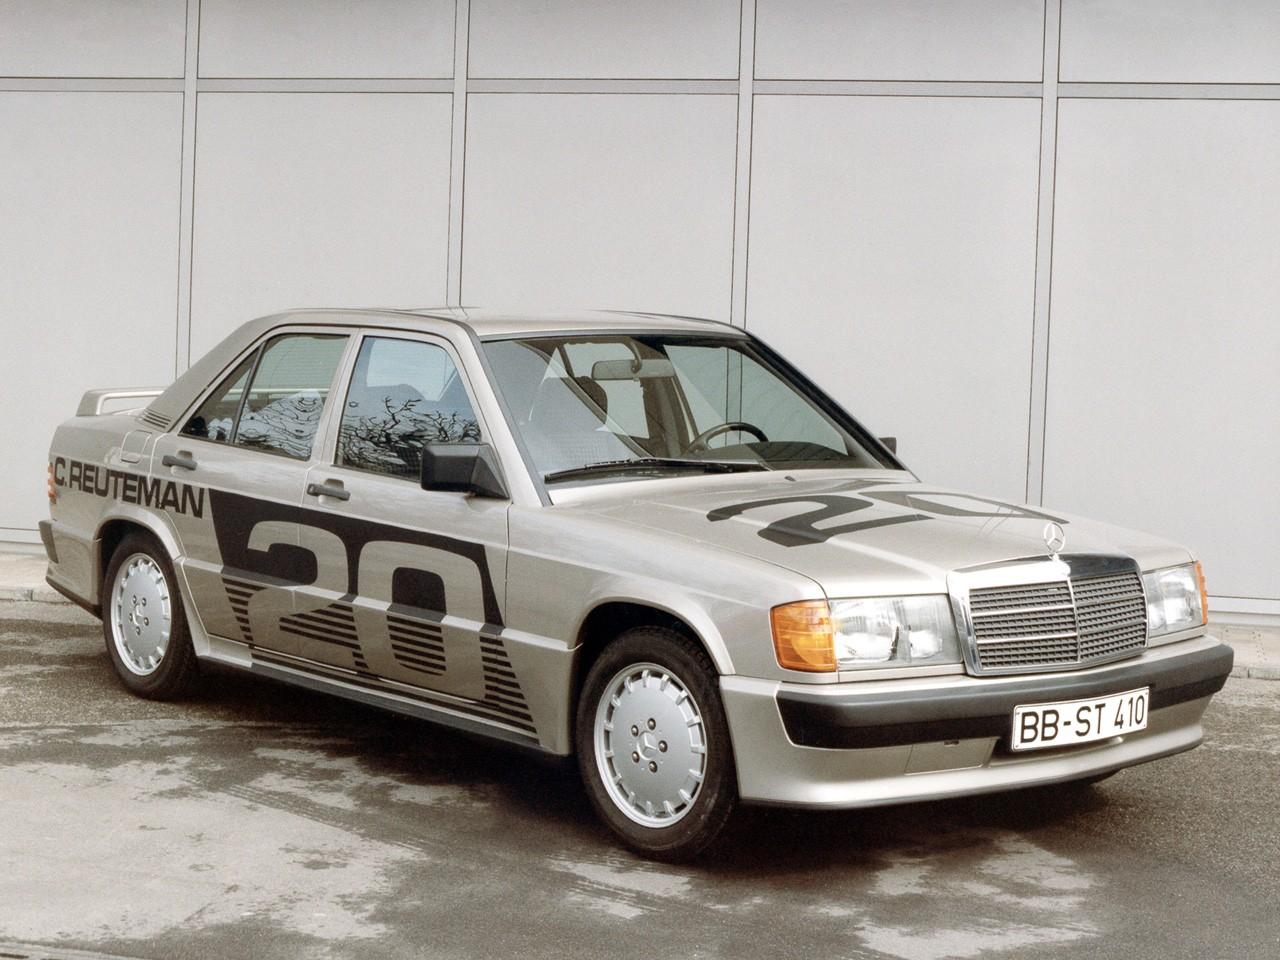 Mercedes Benz 1987 190e 2 3 Engine Diagram Reinvent Your Wiring Schematics For 190 E 16v Specs Photos 1984 1985 1986 Rh Autoevolution Com